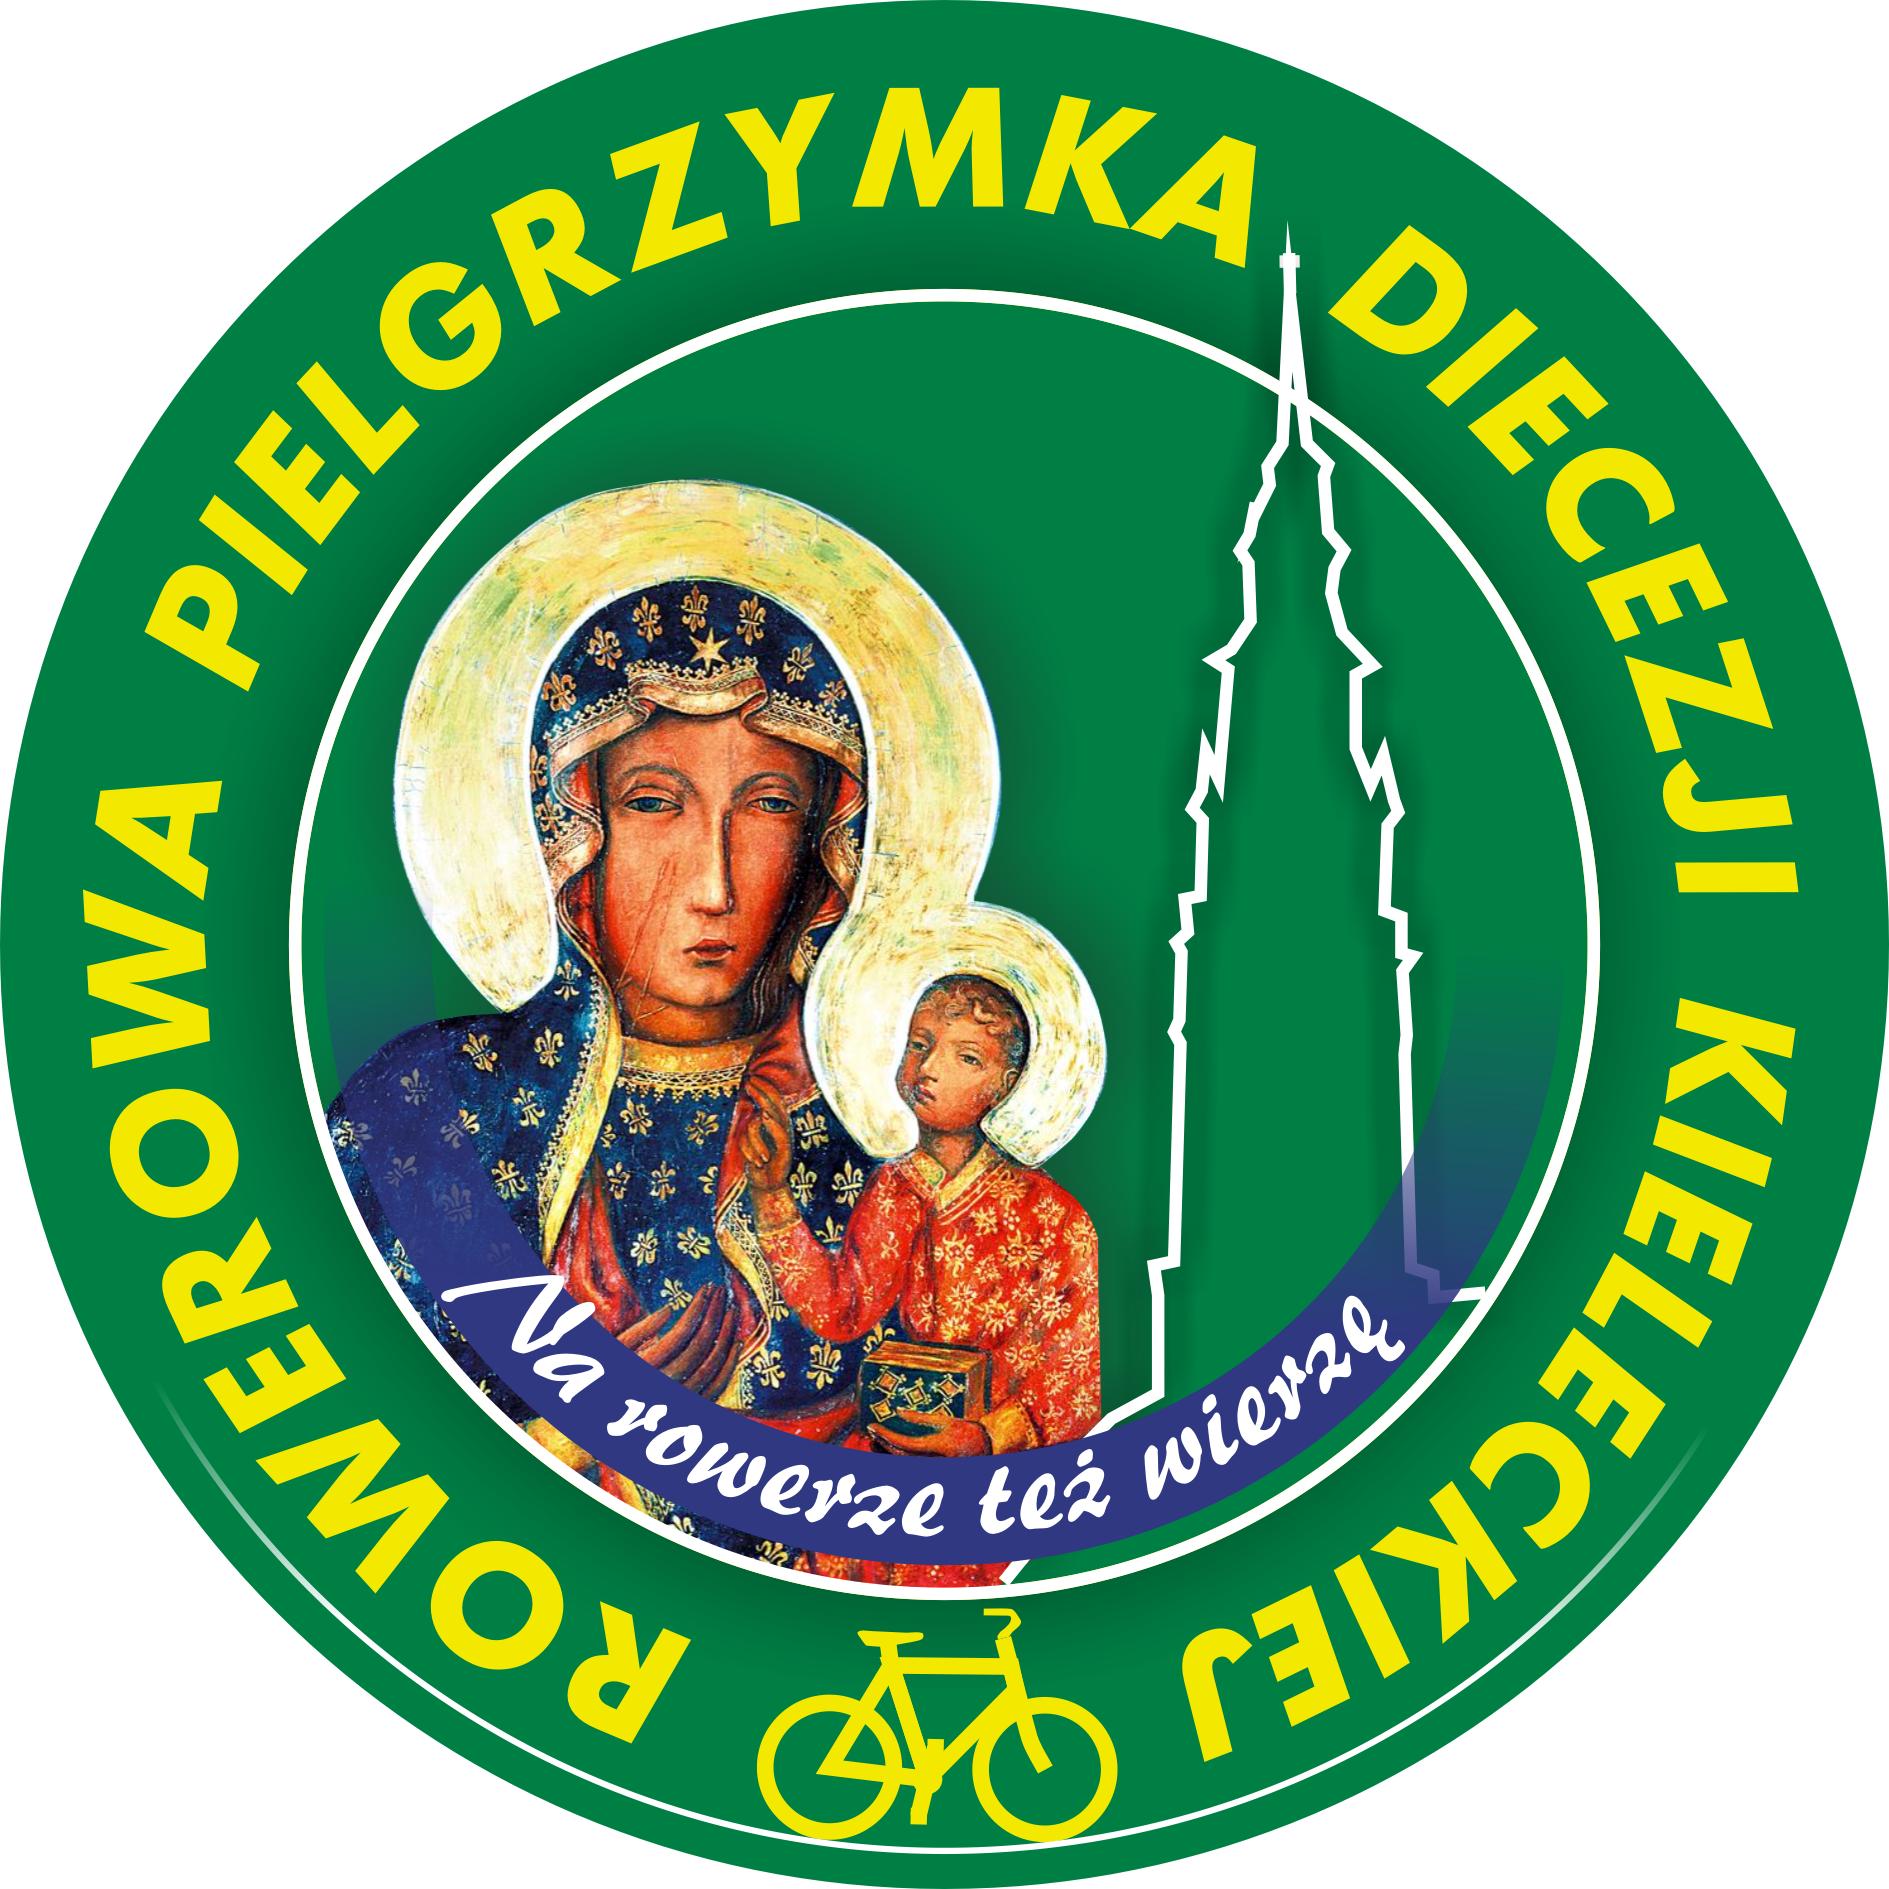 Pielgrzymka Rowerowa Diecezji Kieleckiej na Jasną Górę